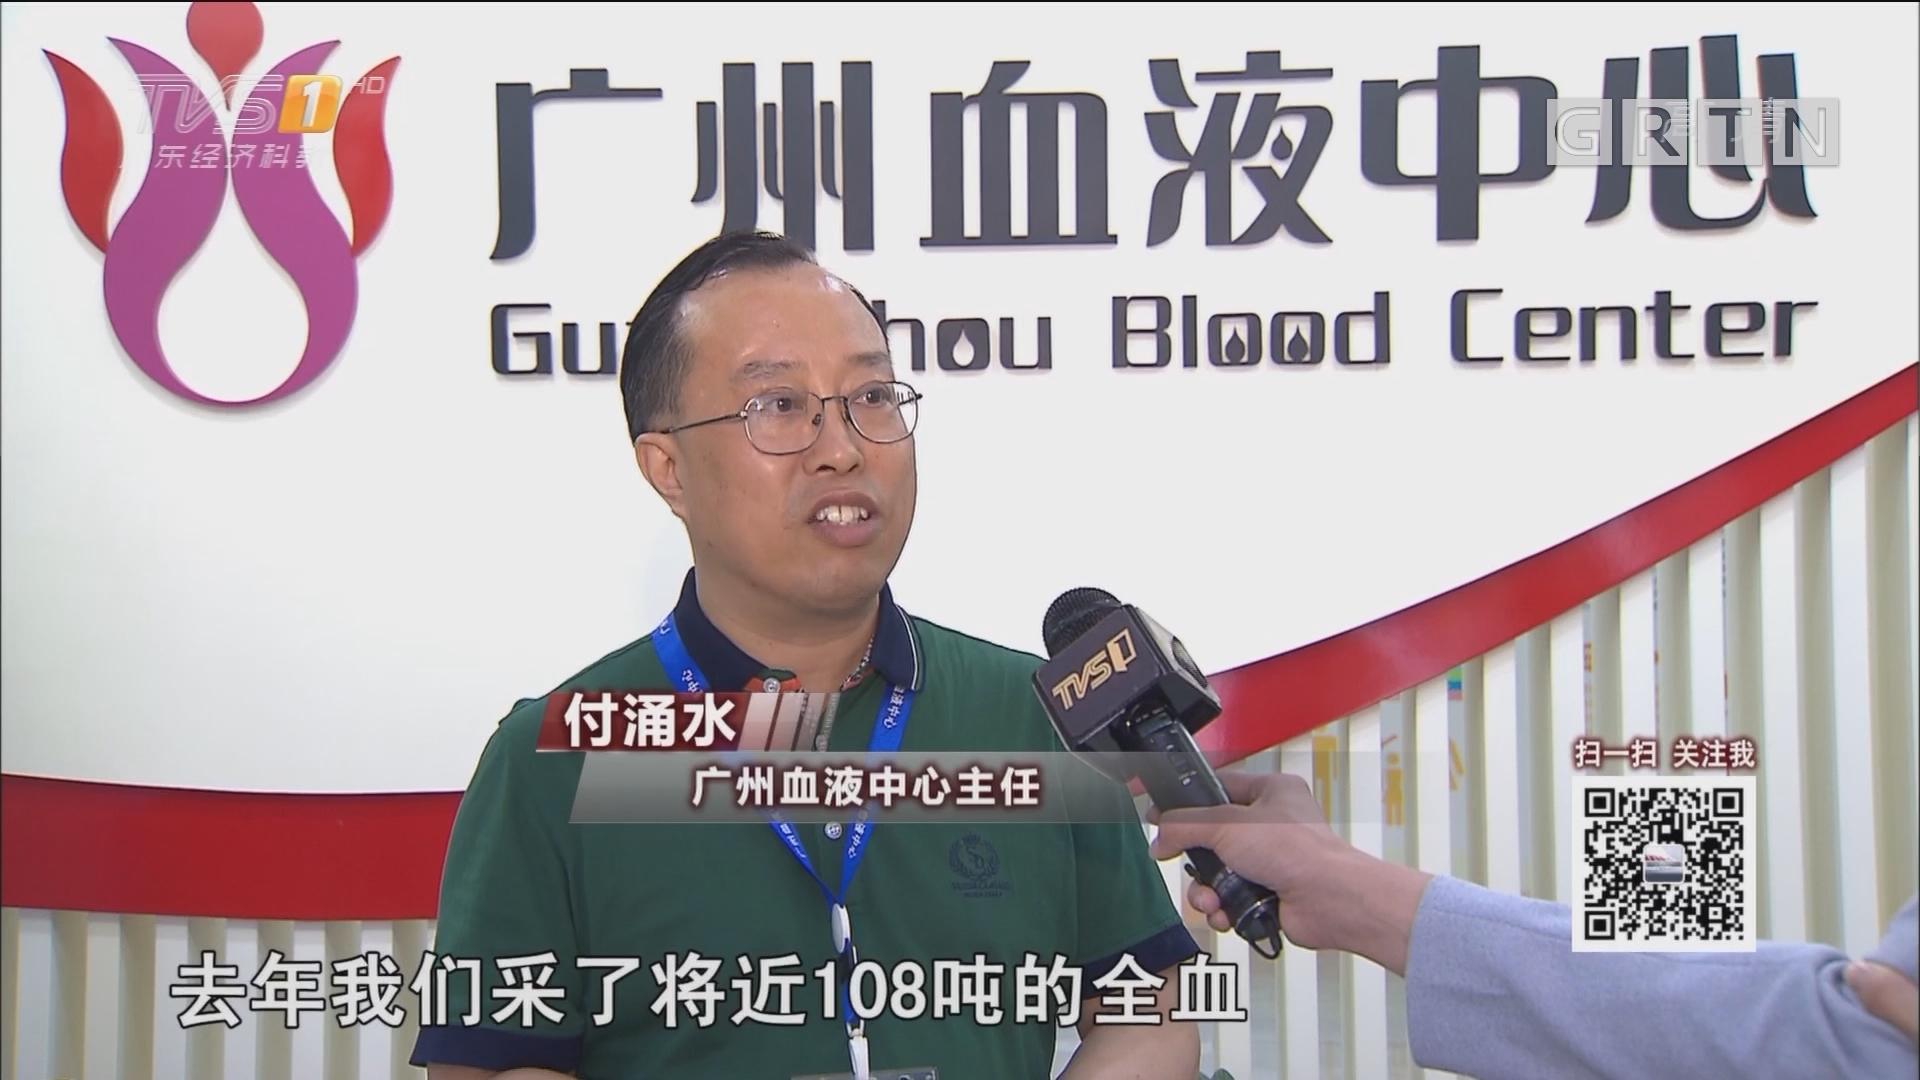 广州取消全面互助献血 血液病群体用血如何保障